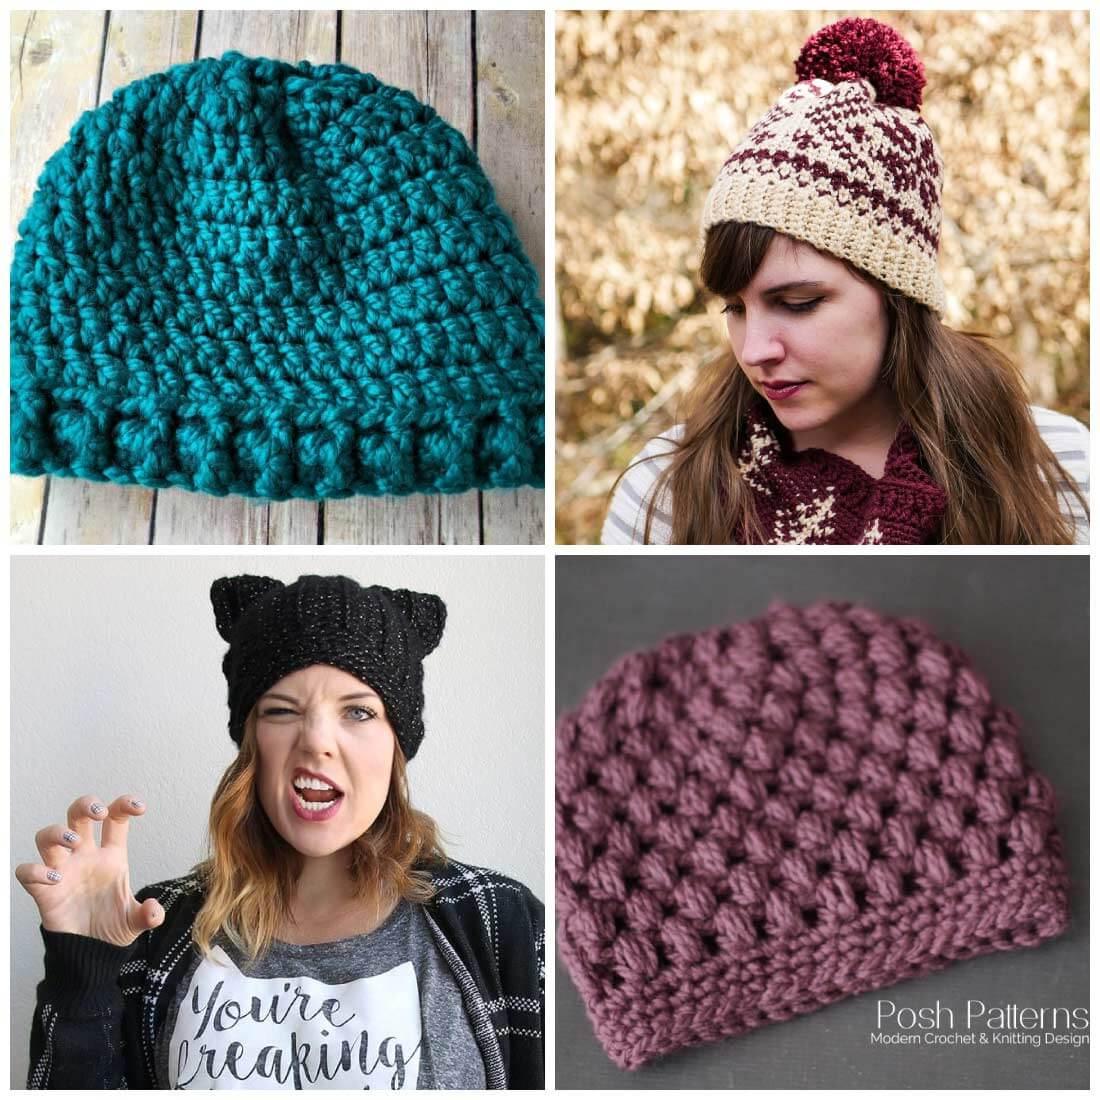 crochet hats free crochet hat patterns   free crochet patterns   crochet patterns   use tamwjgj